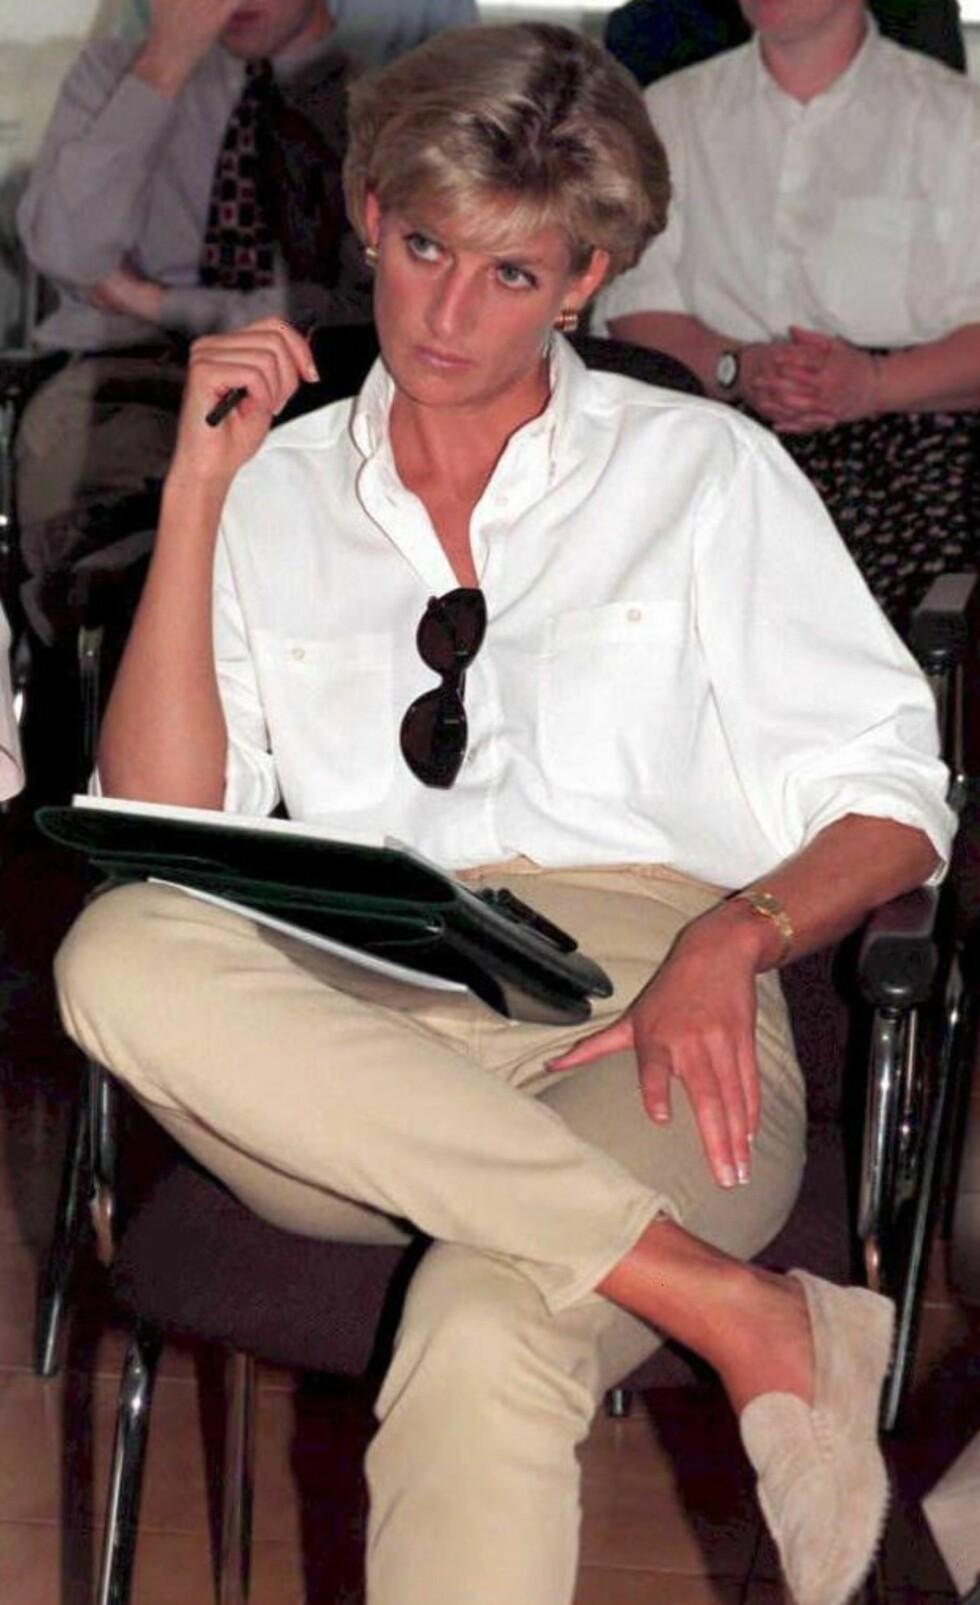 <strong>HJERTESAK:</strong> Humanitært arbeid var én av Dianas mange hjertesaker. Her under en høring angående rydding av landminer Angola i januar 1997. Foto: NTB Scanpix